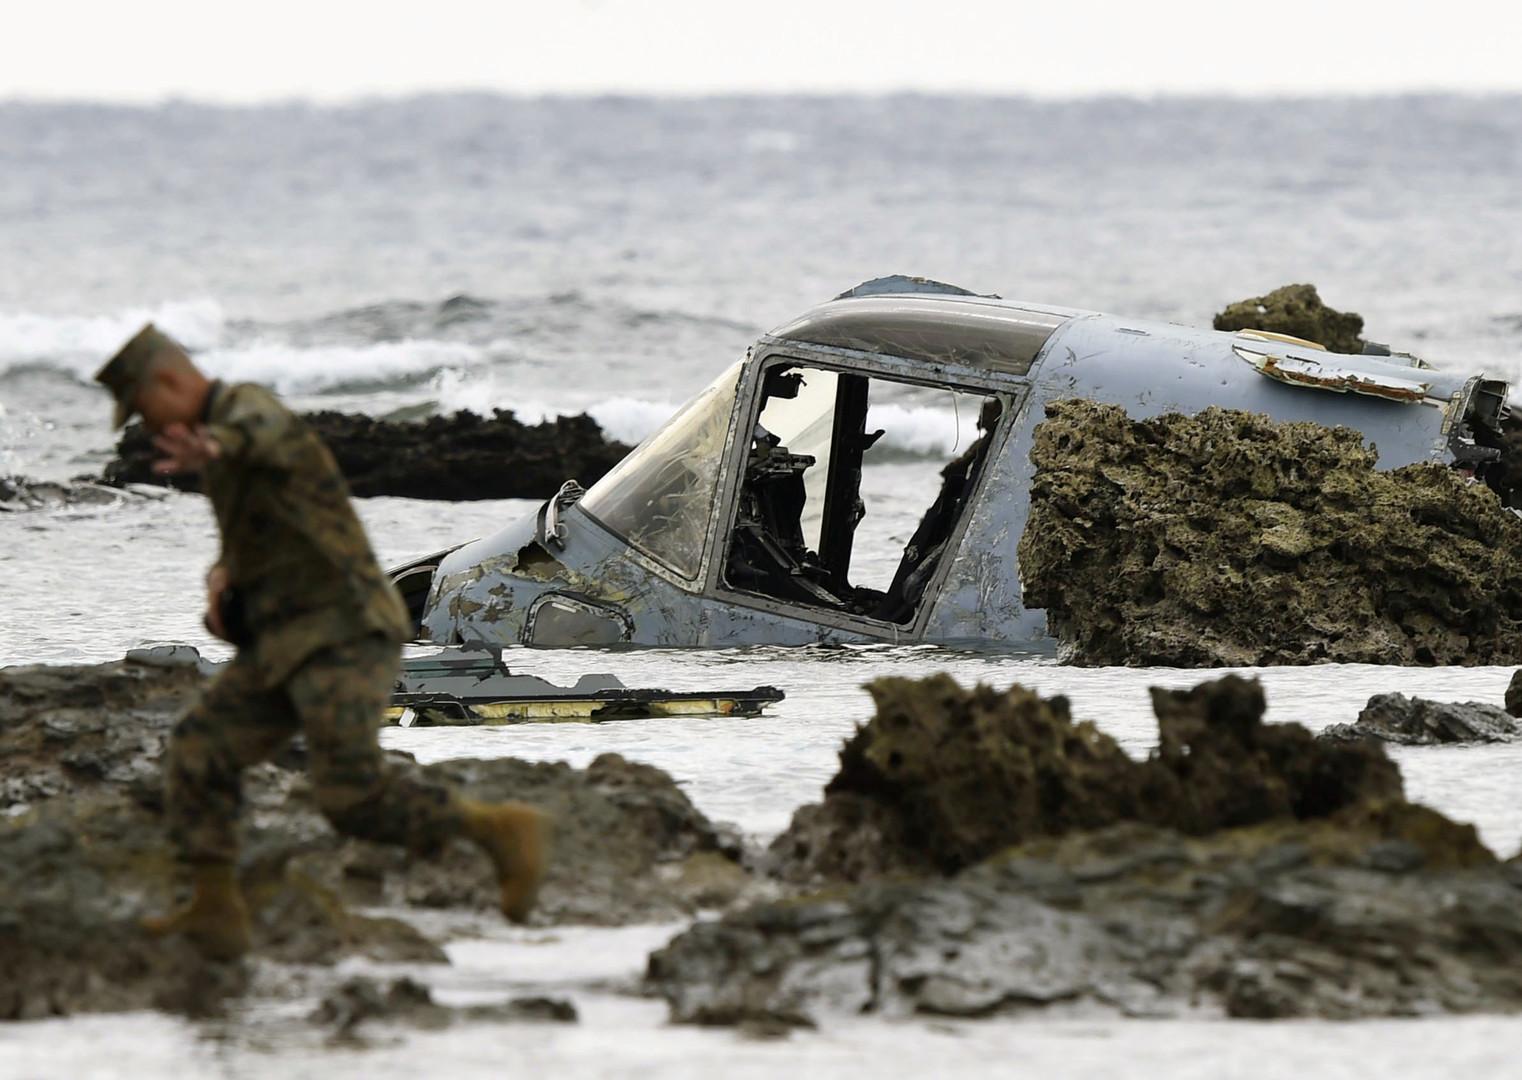 Nach weiterem Absturz von US-Militärflugzeug – Bewohner Okinawas fürchten um ihre Sicherheit